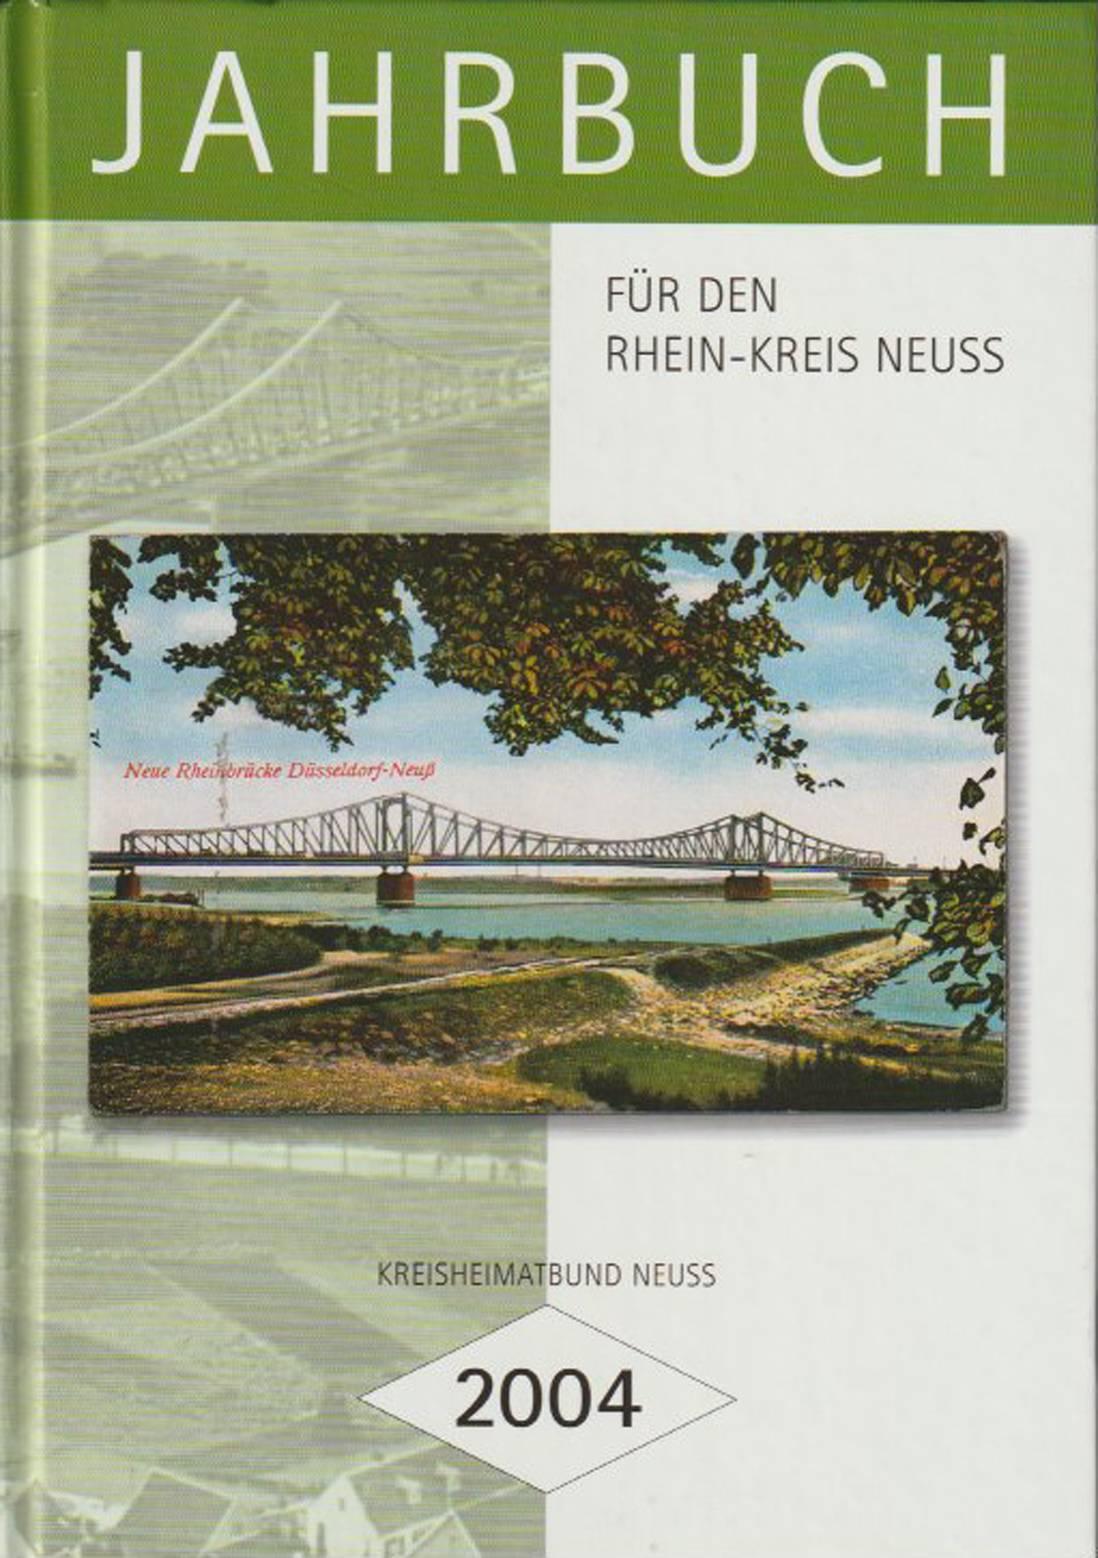 Jahrbuch für den Rhein-Kreis Neuss